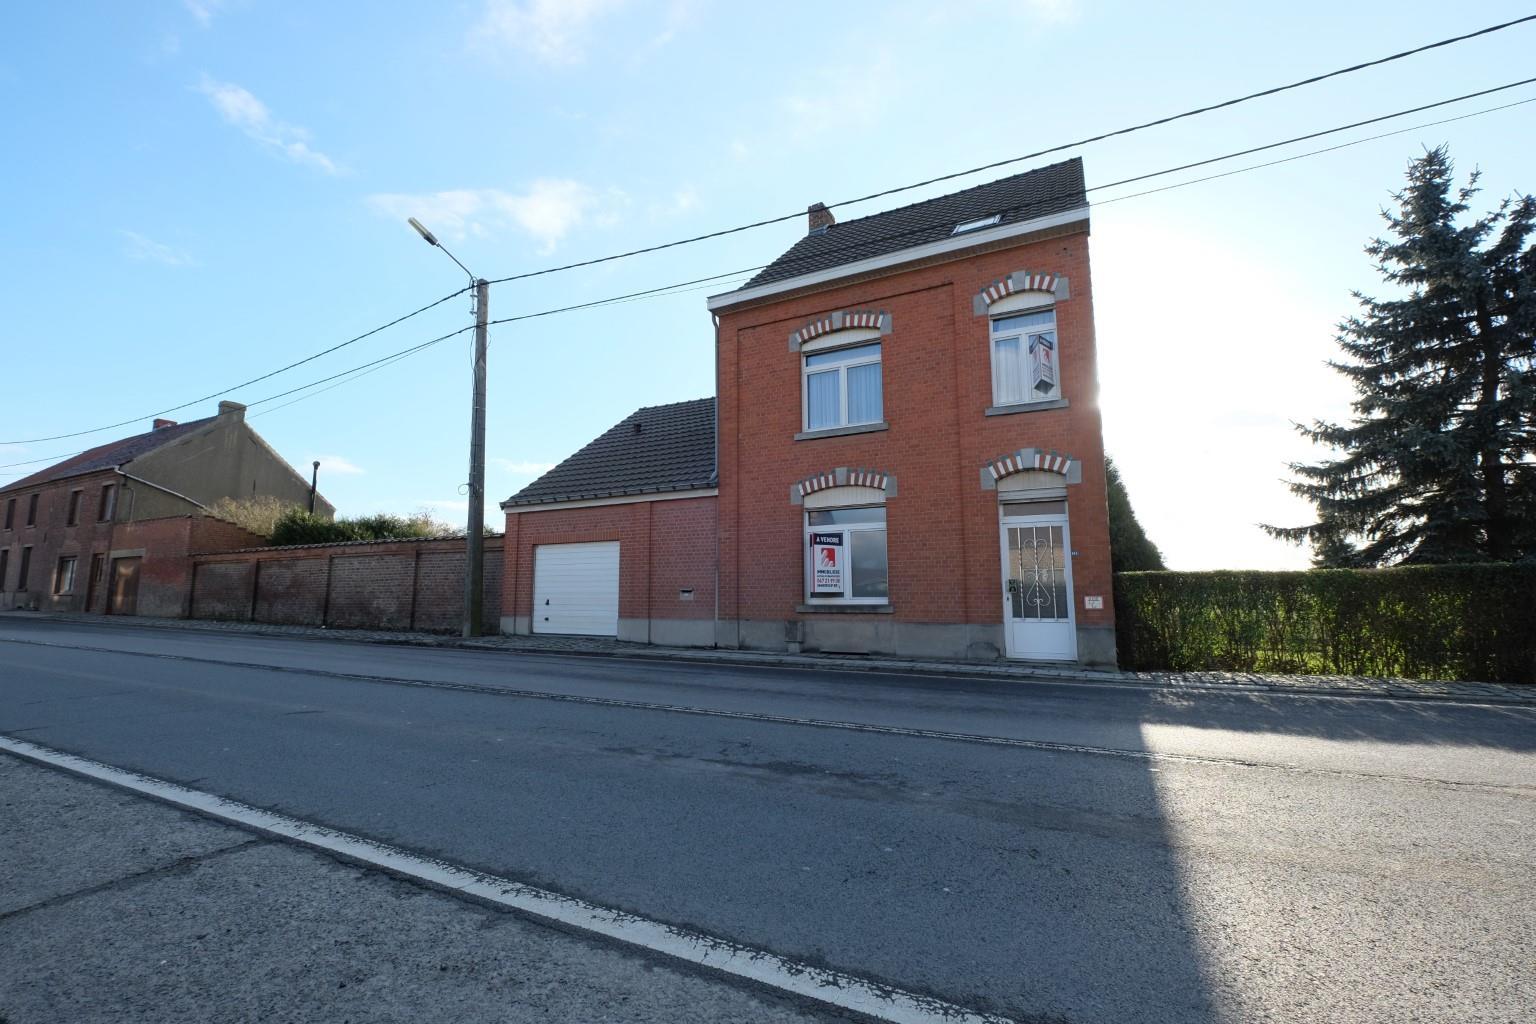 Maison - Grand Péril  - Braine-le-Comte Hennuyères - #3857103-3